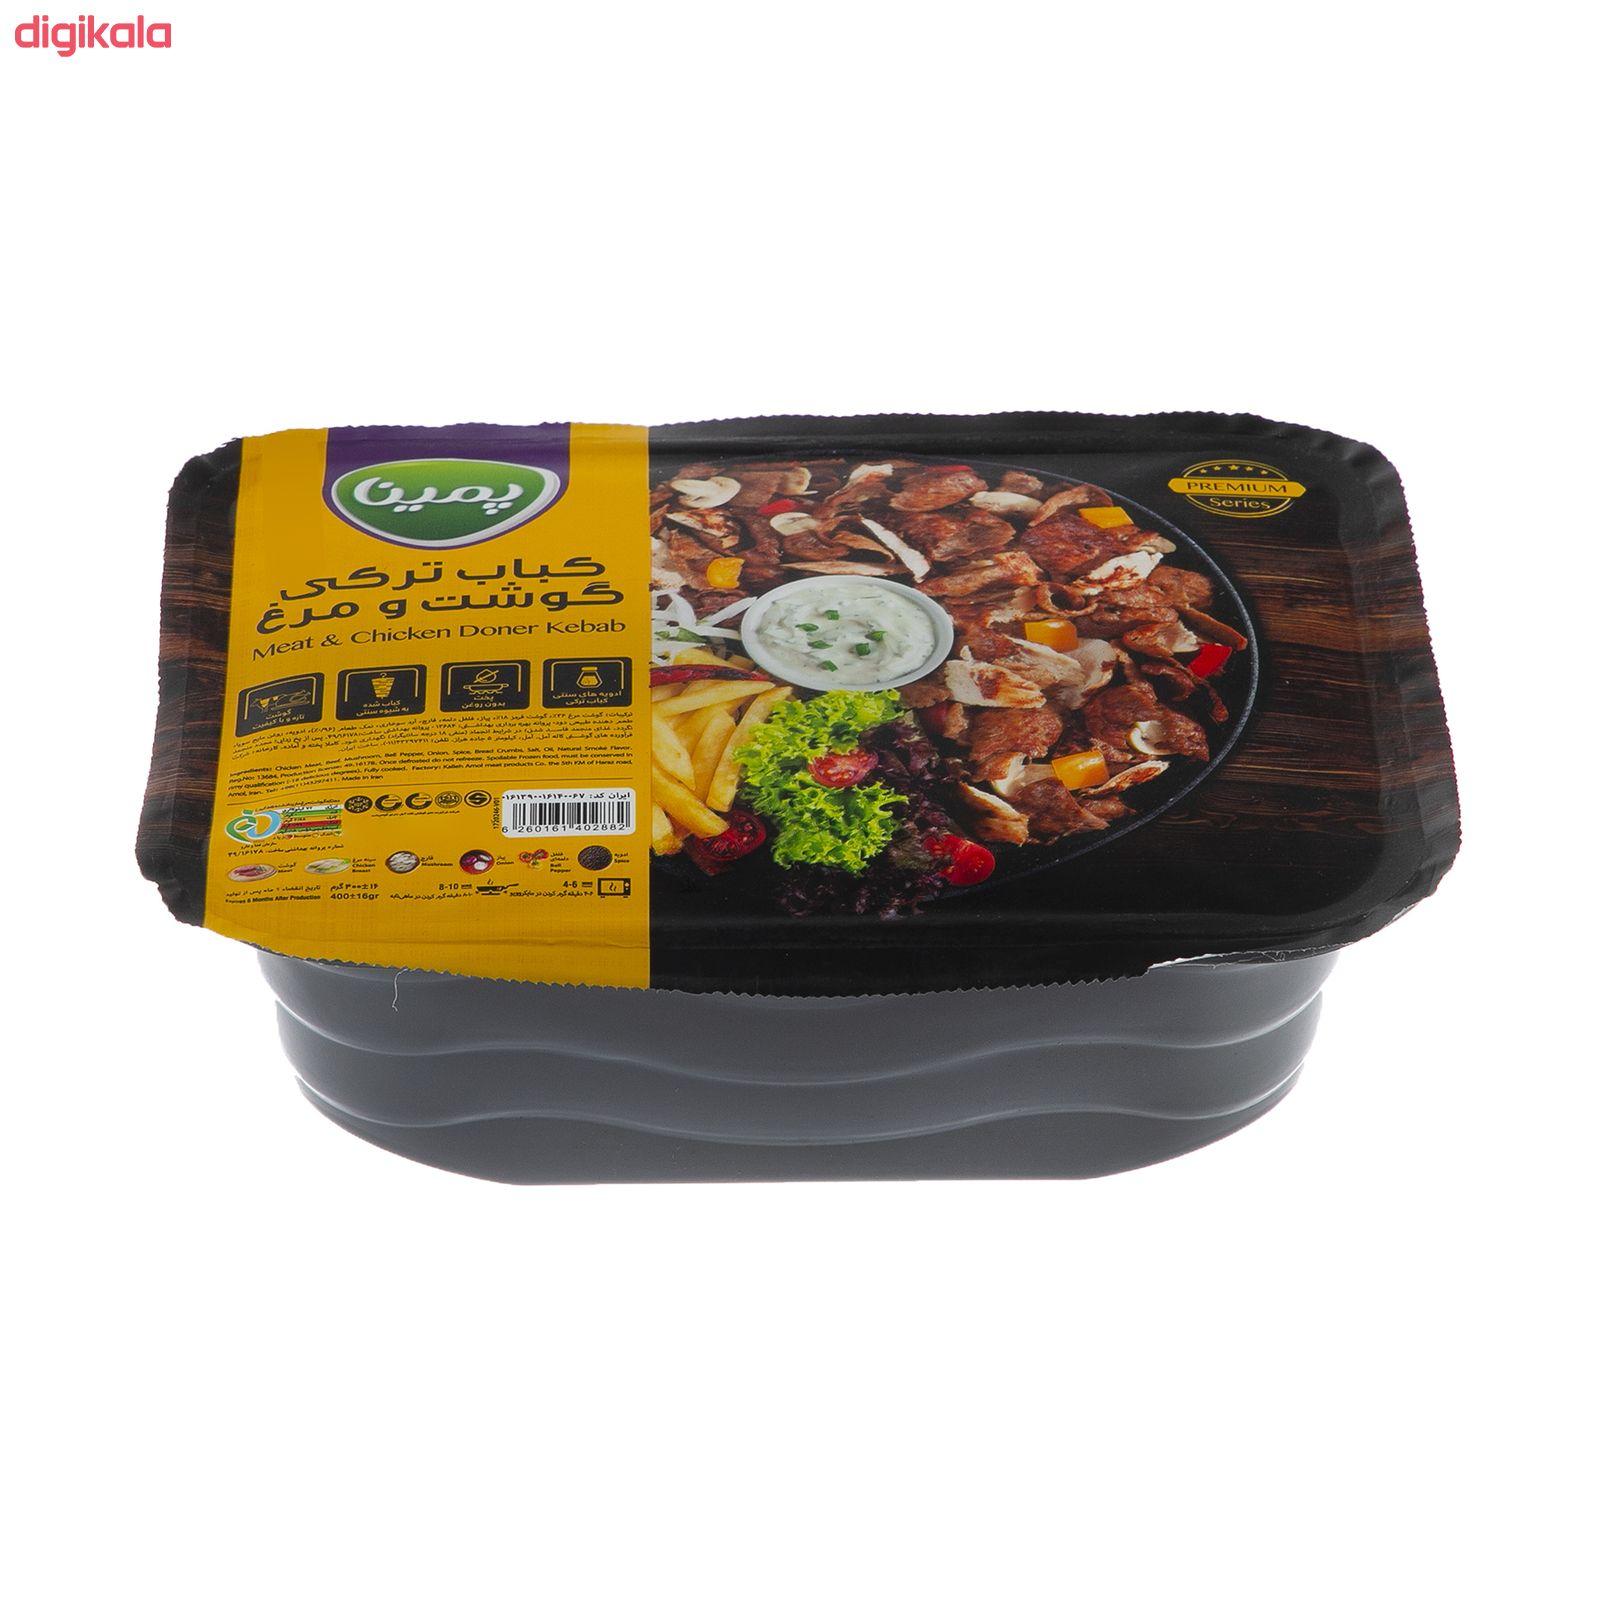 جوجه کباب ترکی گوشت و مرغ پمینا مقدار 400 گرم main 1 4